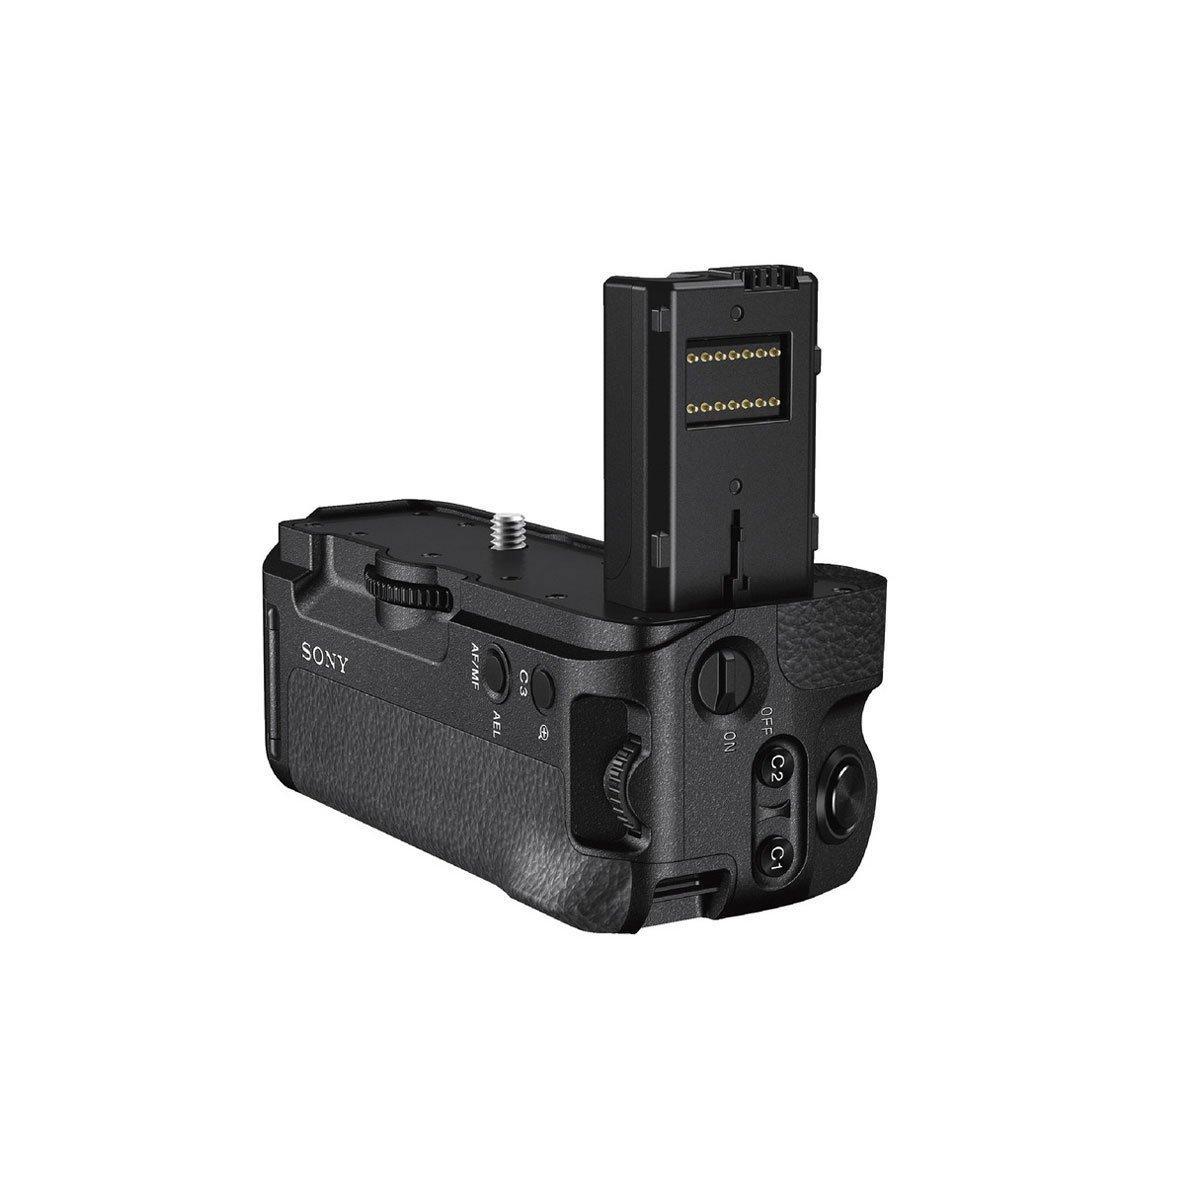 Sony akkukahva A7/S/RII kameralle